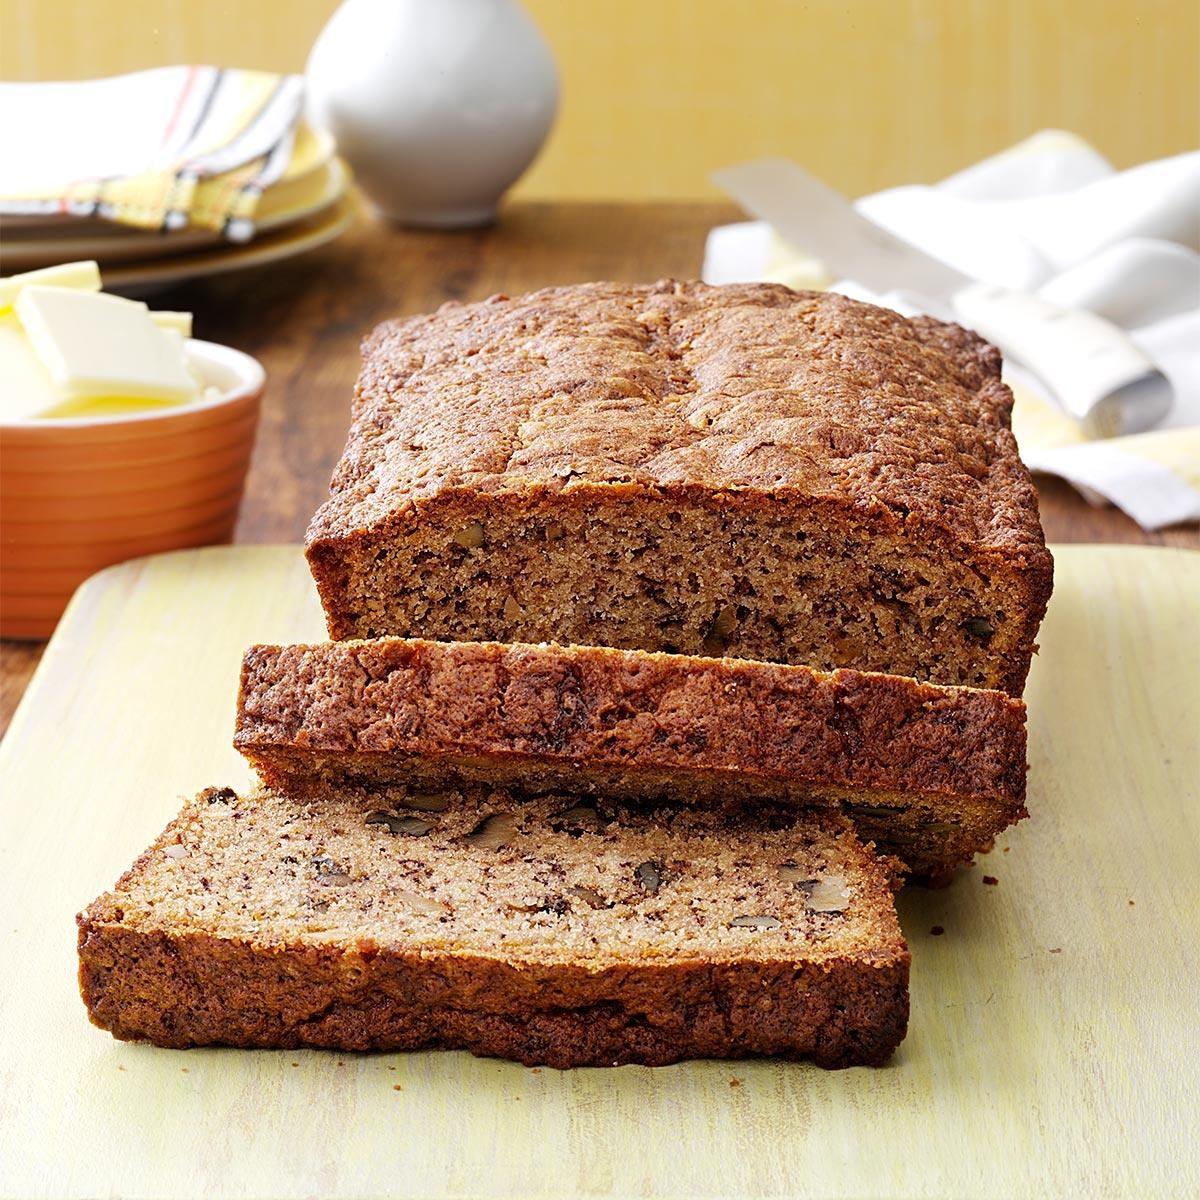 Best-Ever Banana Bread Recipe | Taste of Home